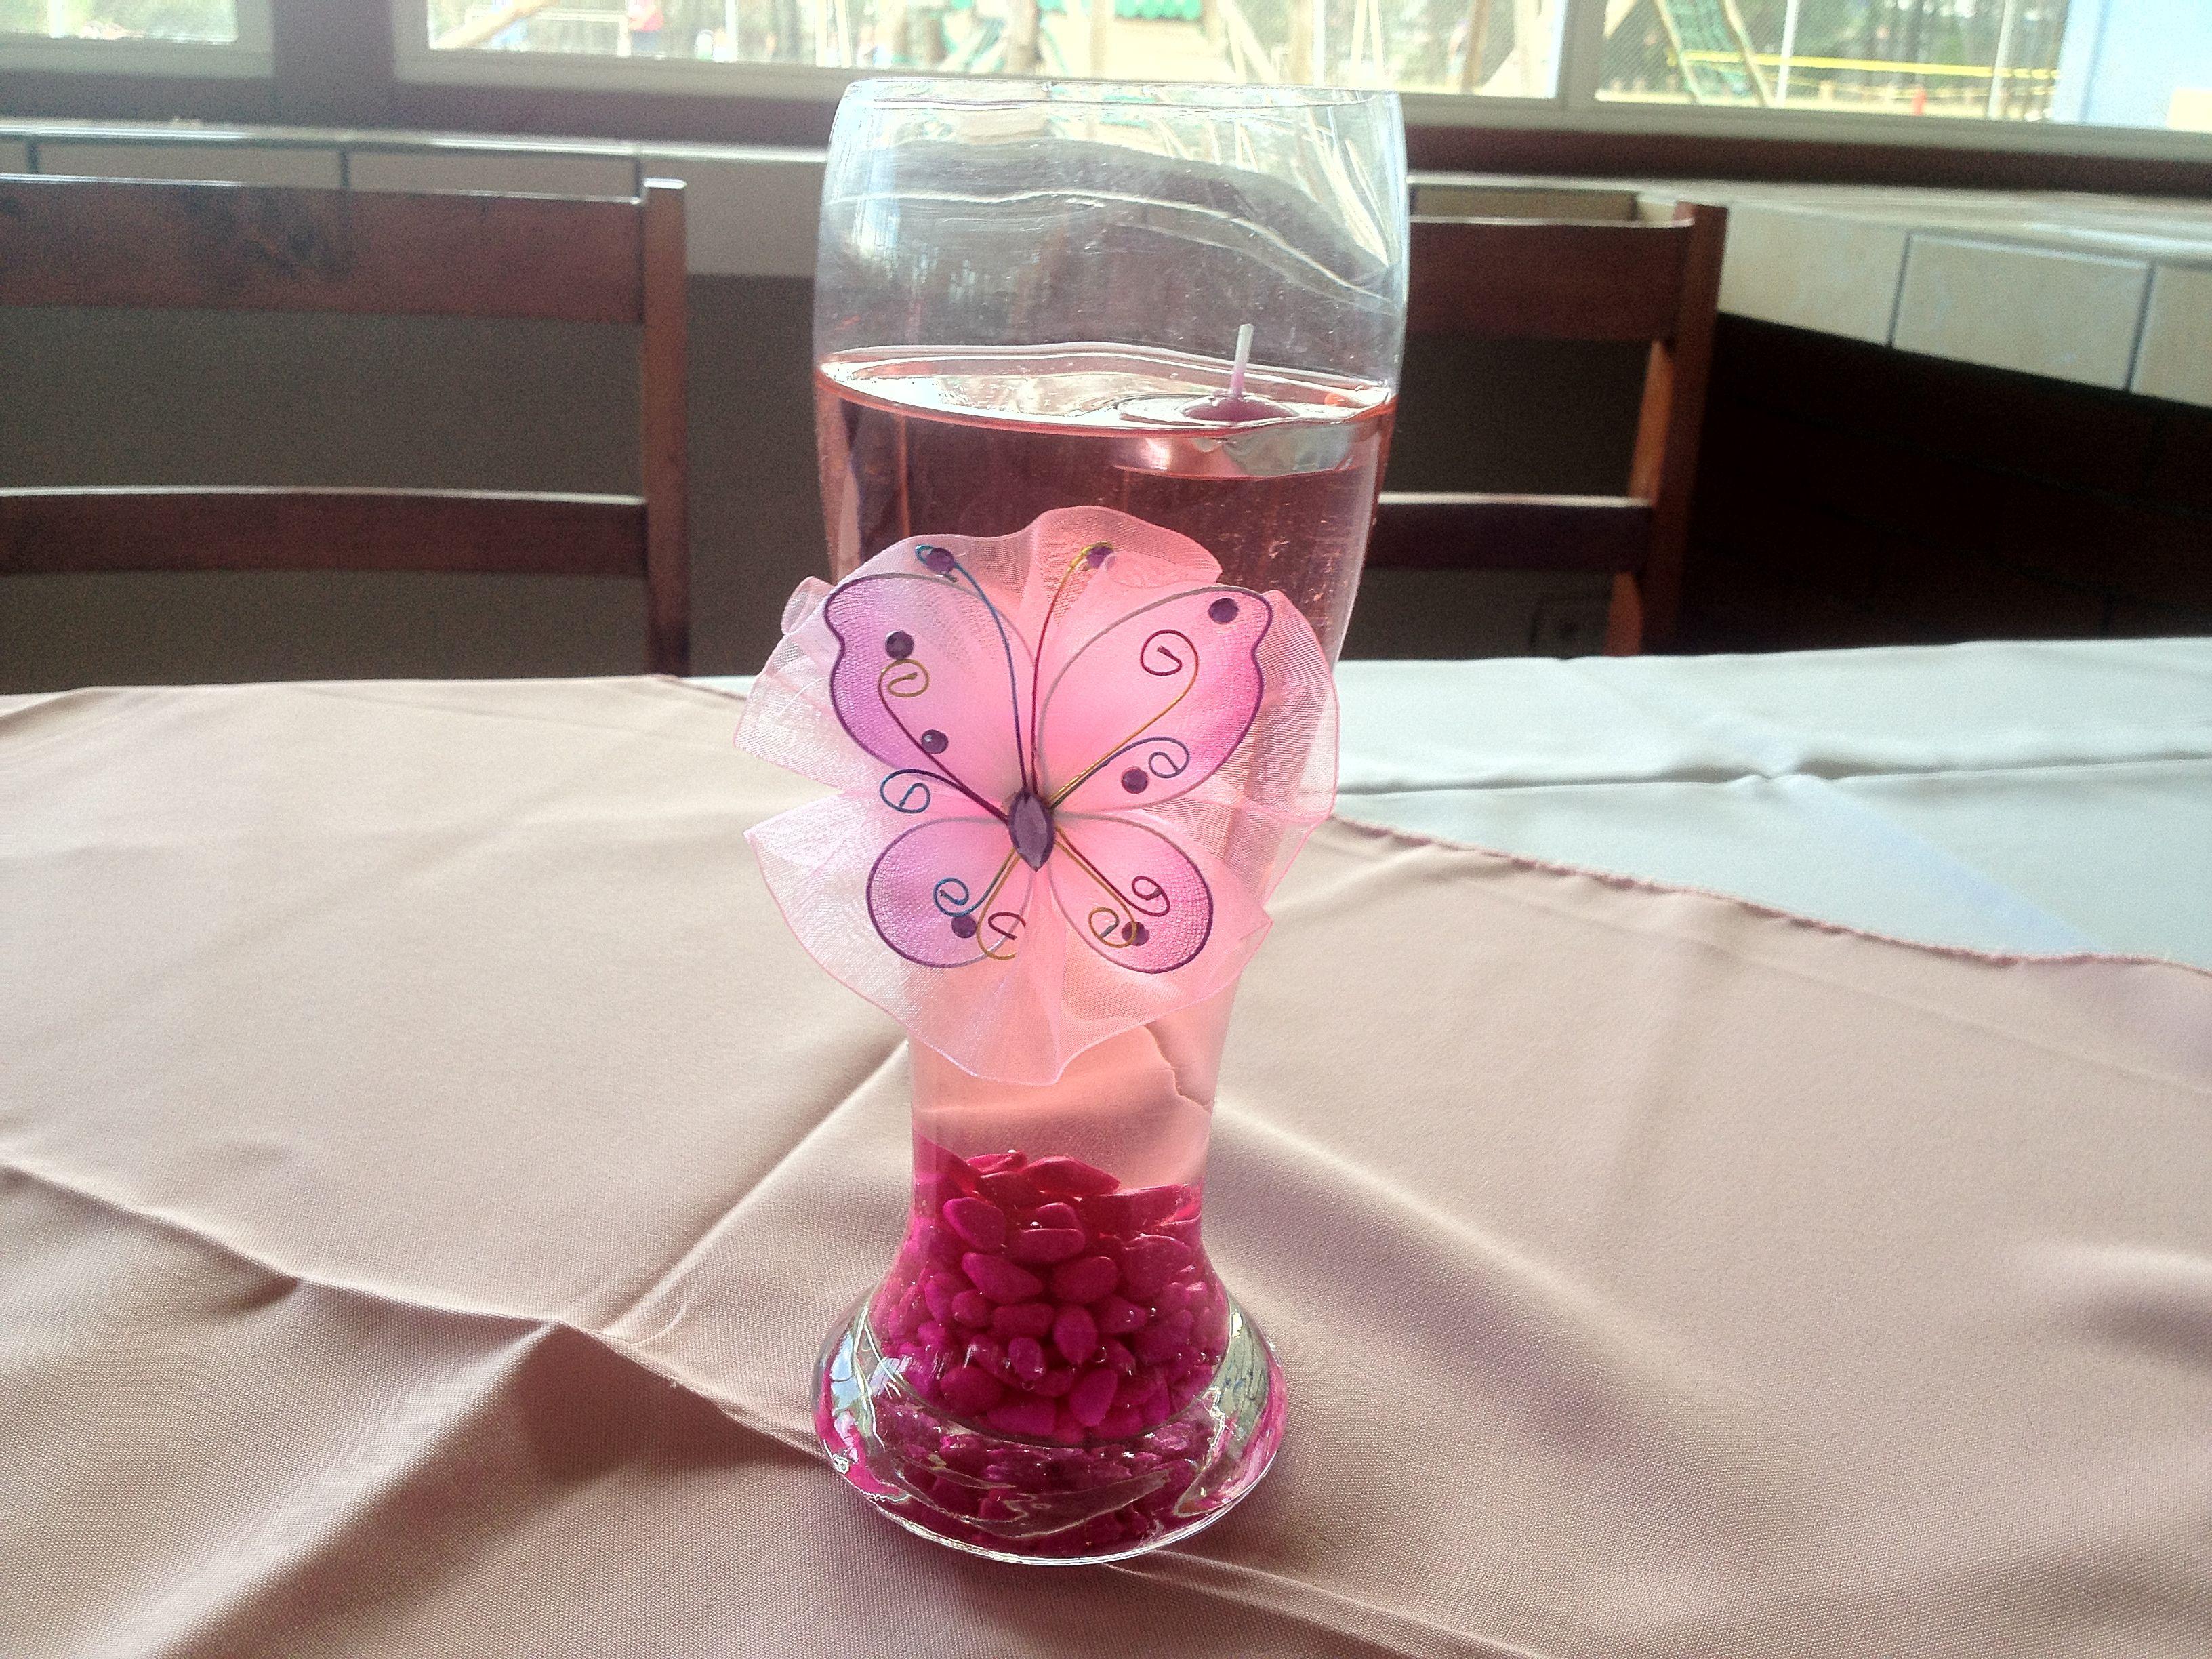 Formas muy faciles para realizar centros de mesa que se vean finos y bonitos visita nuestra pagina en Facebook https://m.facebook.com/#!/SophieProductions?__user=100006190329350 y podrás ver mas ideas como estas